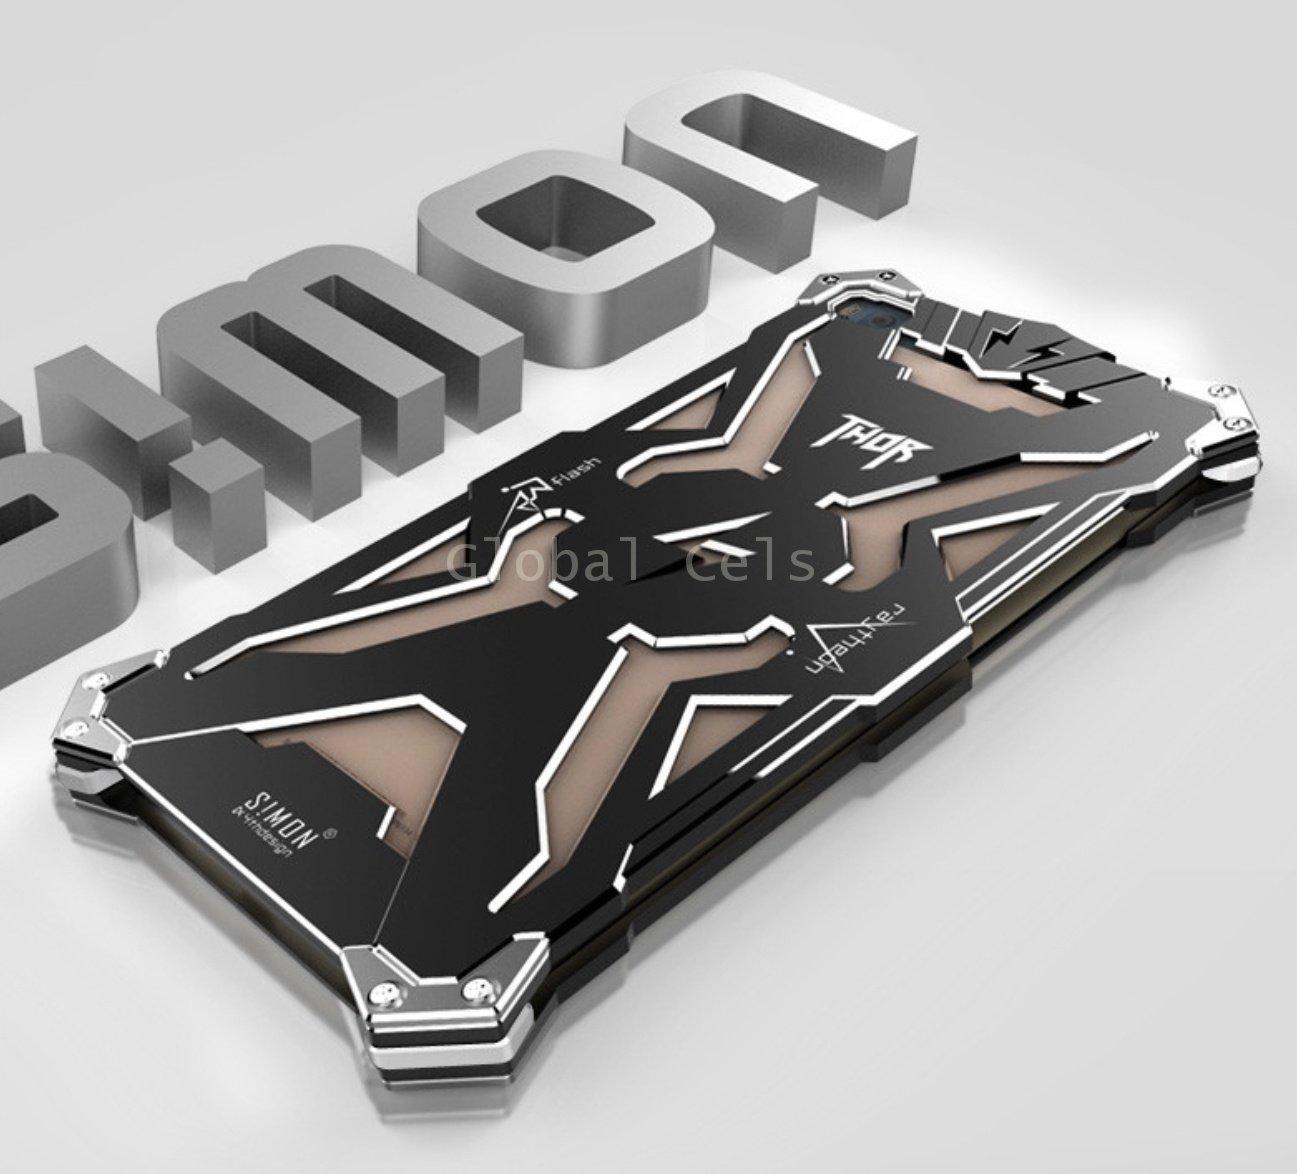 Carcasa Thor Huawei P8 Metal Protector con Pernos